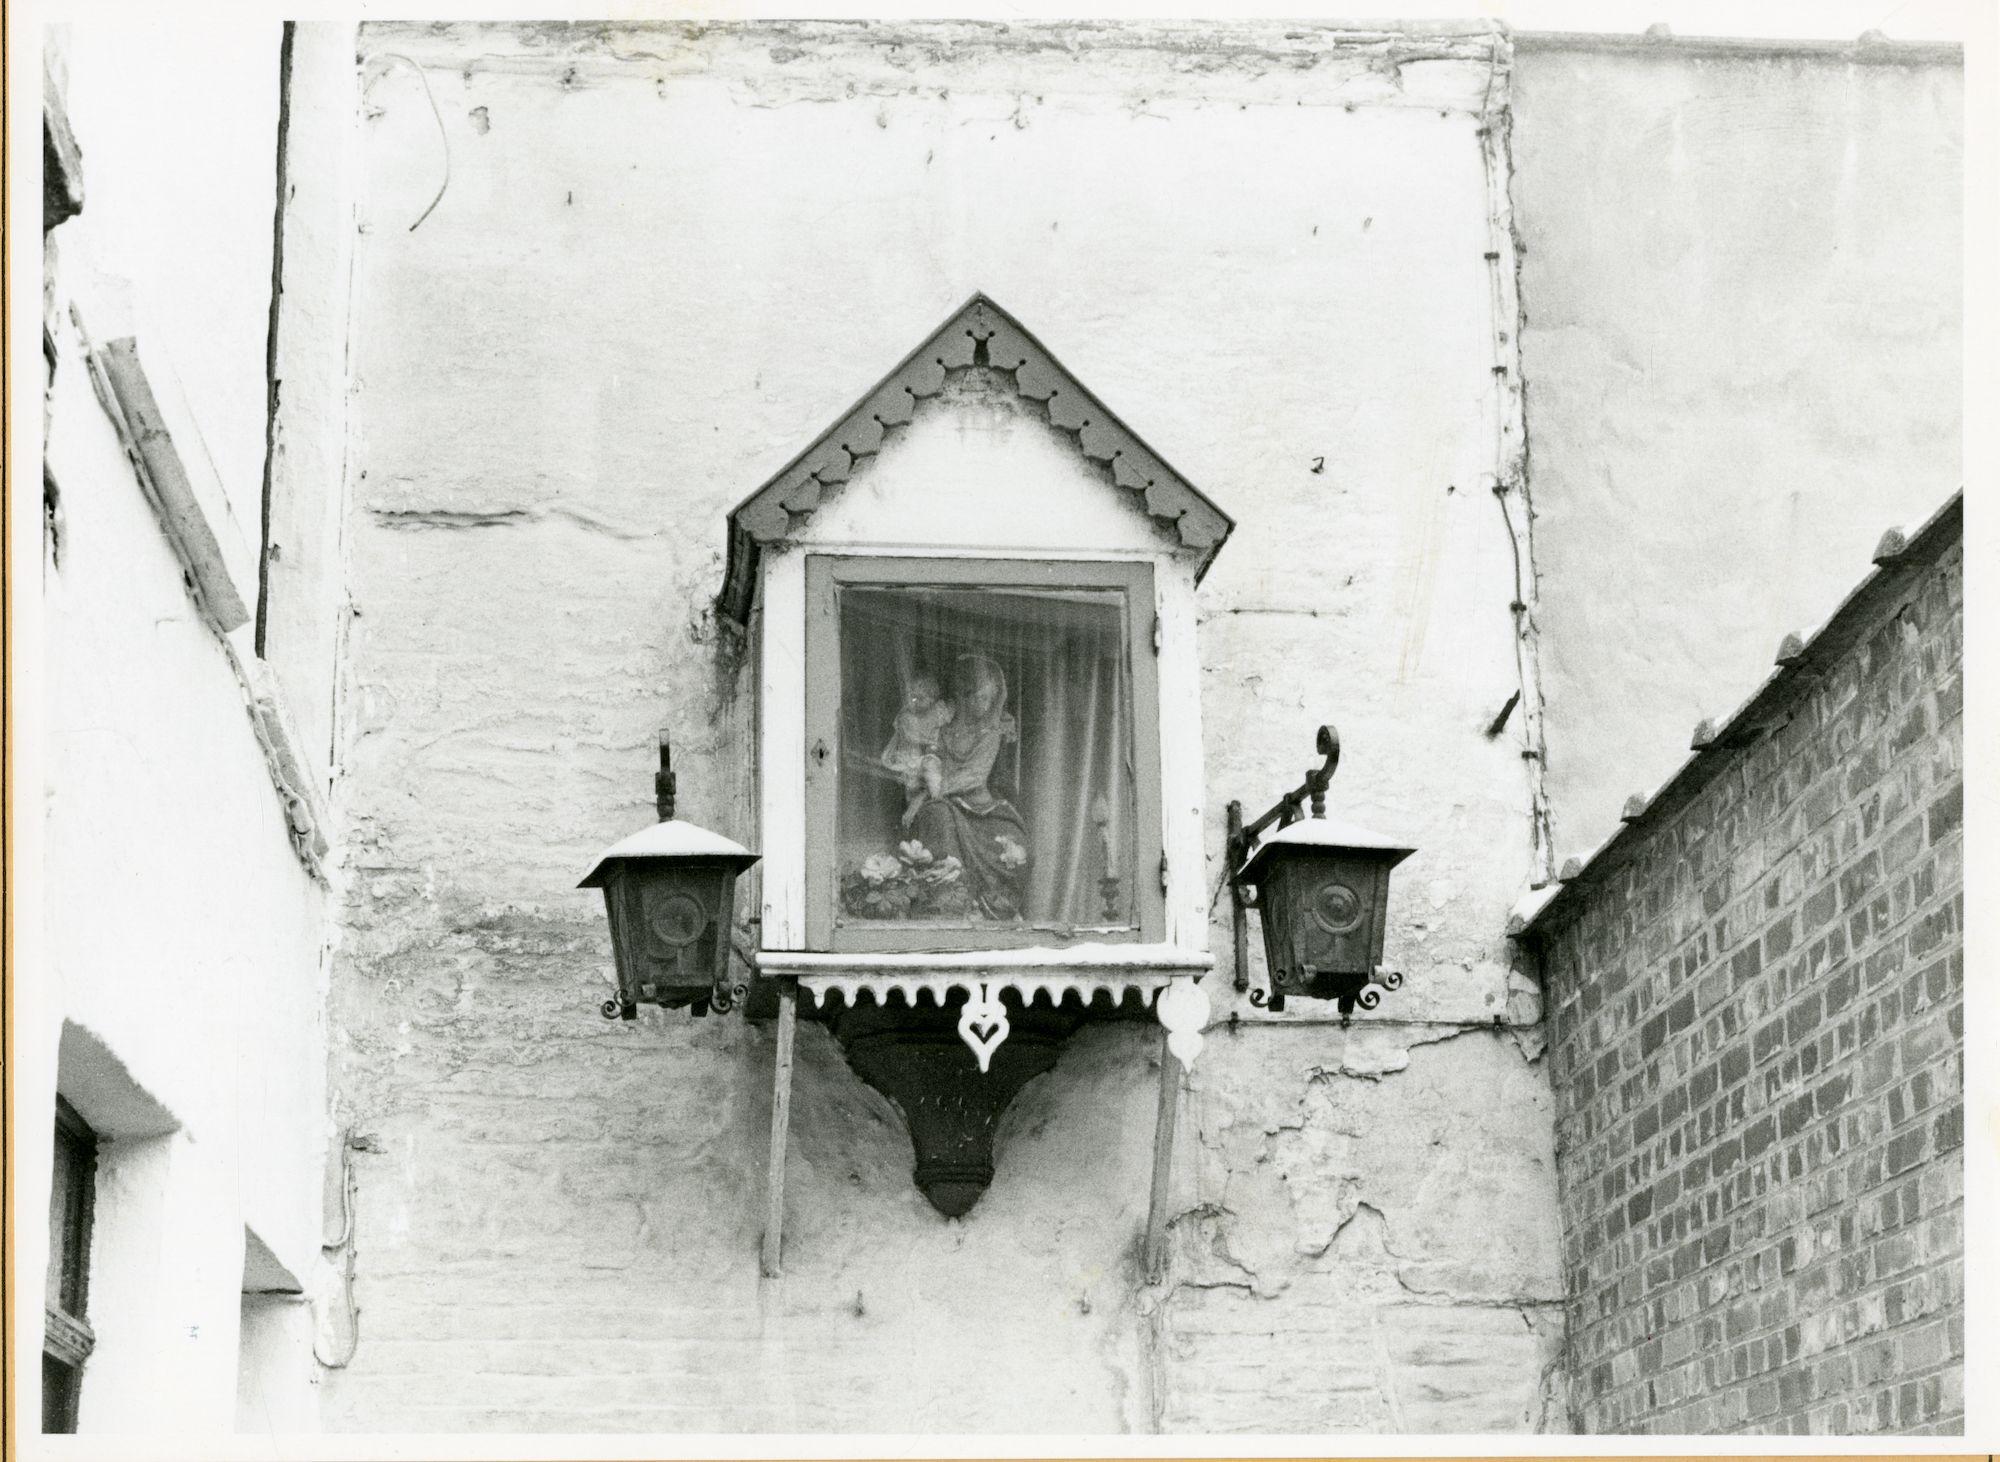 Gent: Koolsteeg: Gevelkapel, 1979